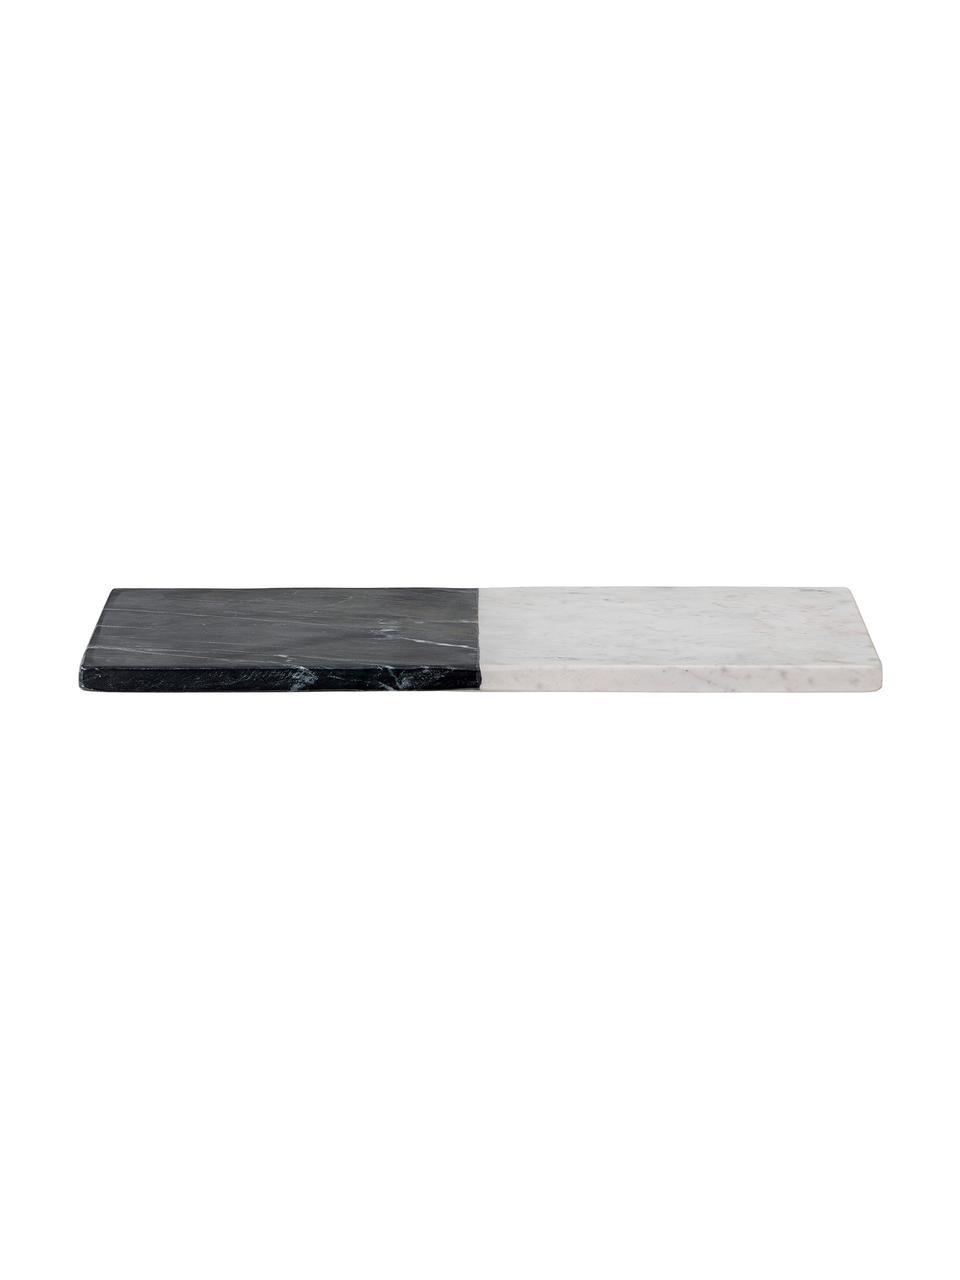 Marmeren snijplank Elvia, L 46 x B 23 cm, Gepolijst marmer, Zwart, wit, 23 x 46 cm